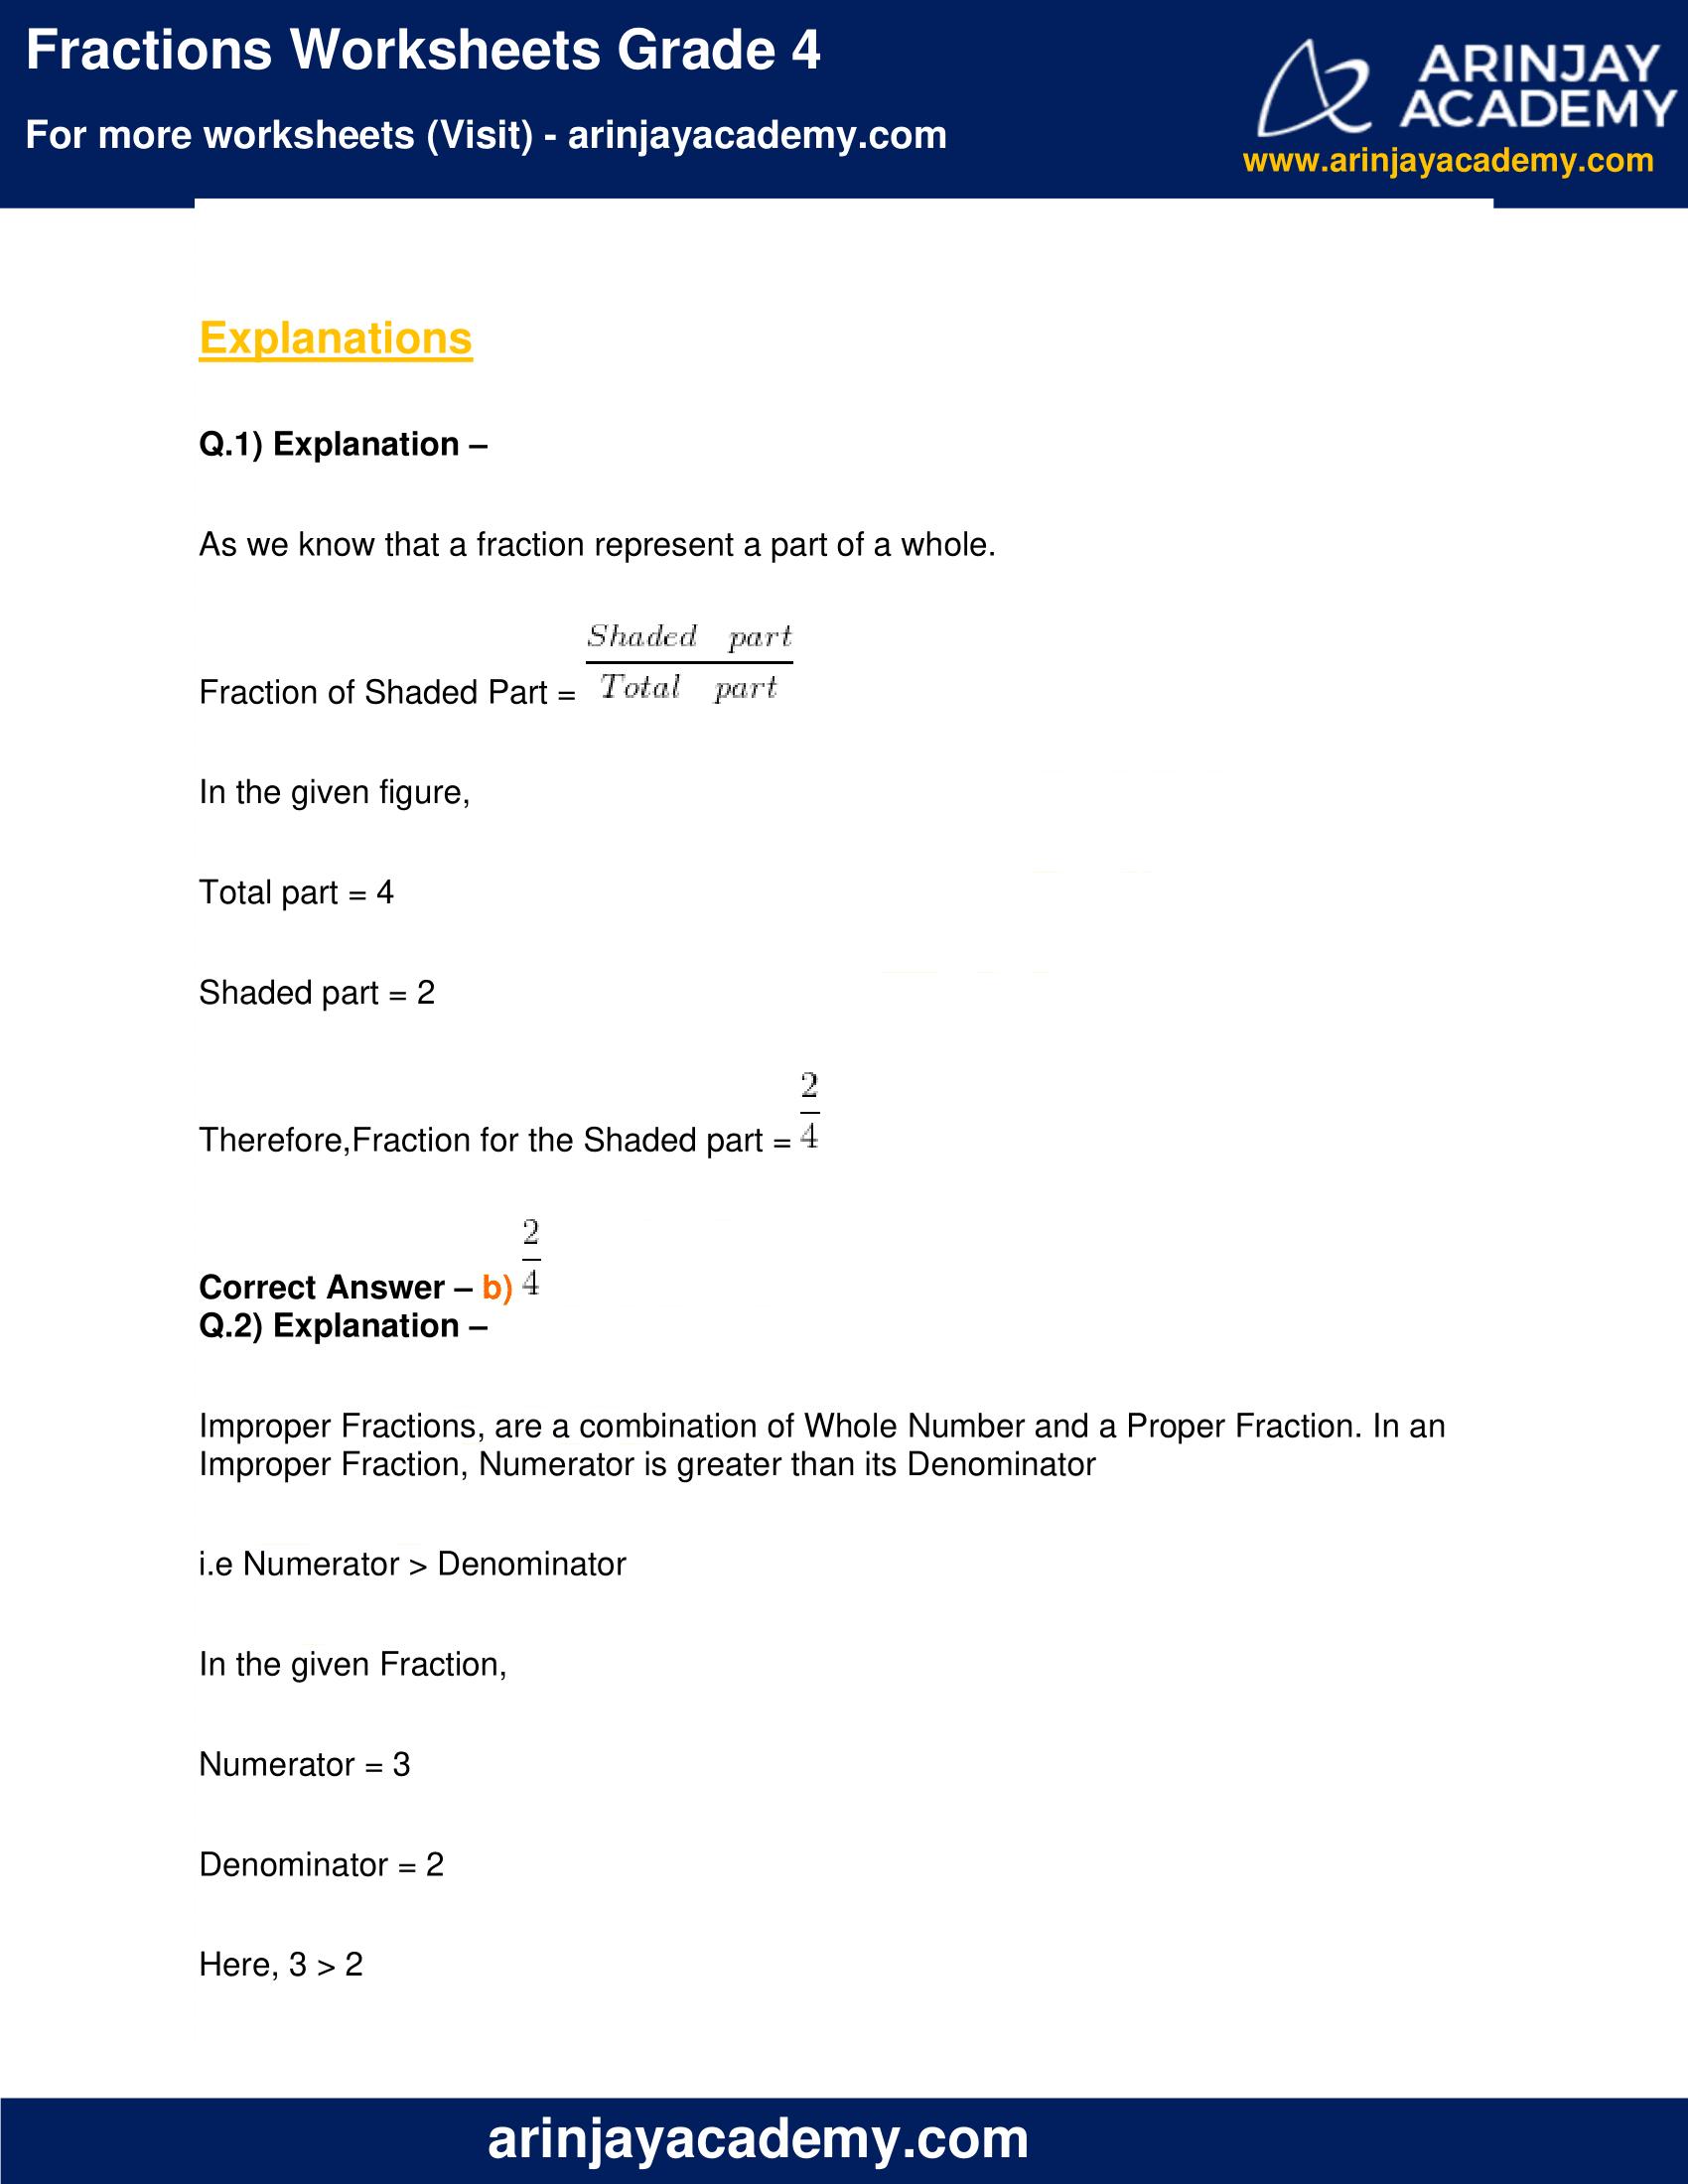 Fractions Worksheets Grade 4 image 6